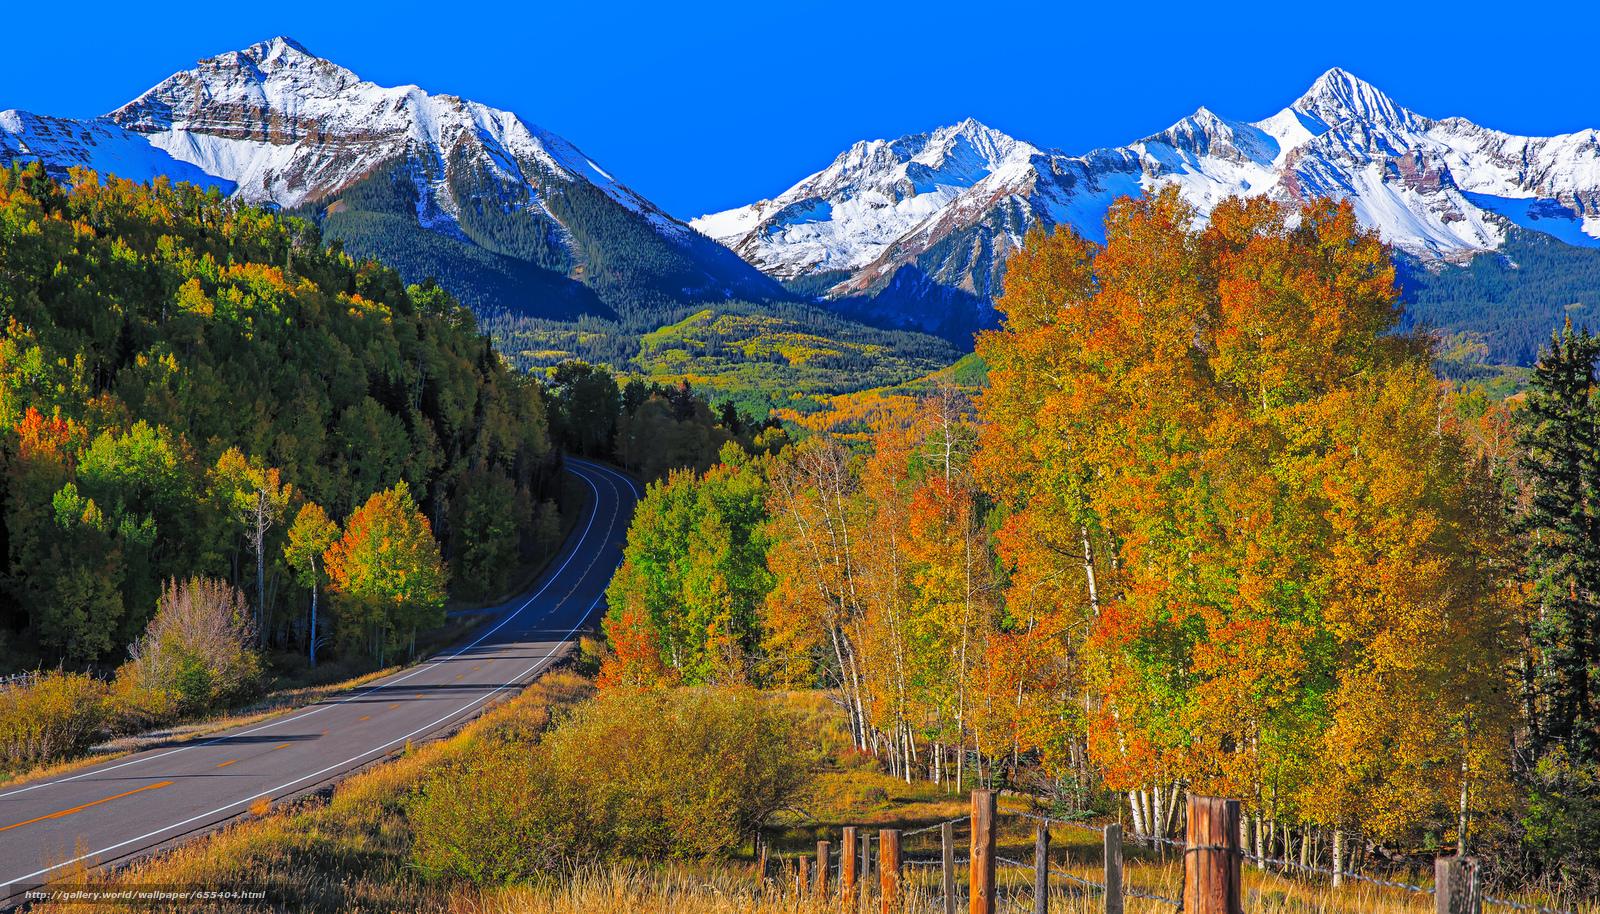 Tlcharger Fond d'ecran route,  Montagnes,  arbres,  paysage Fonds d'ecran gratuits pour votre rsolution du bureau 2048x1170 — image №655404